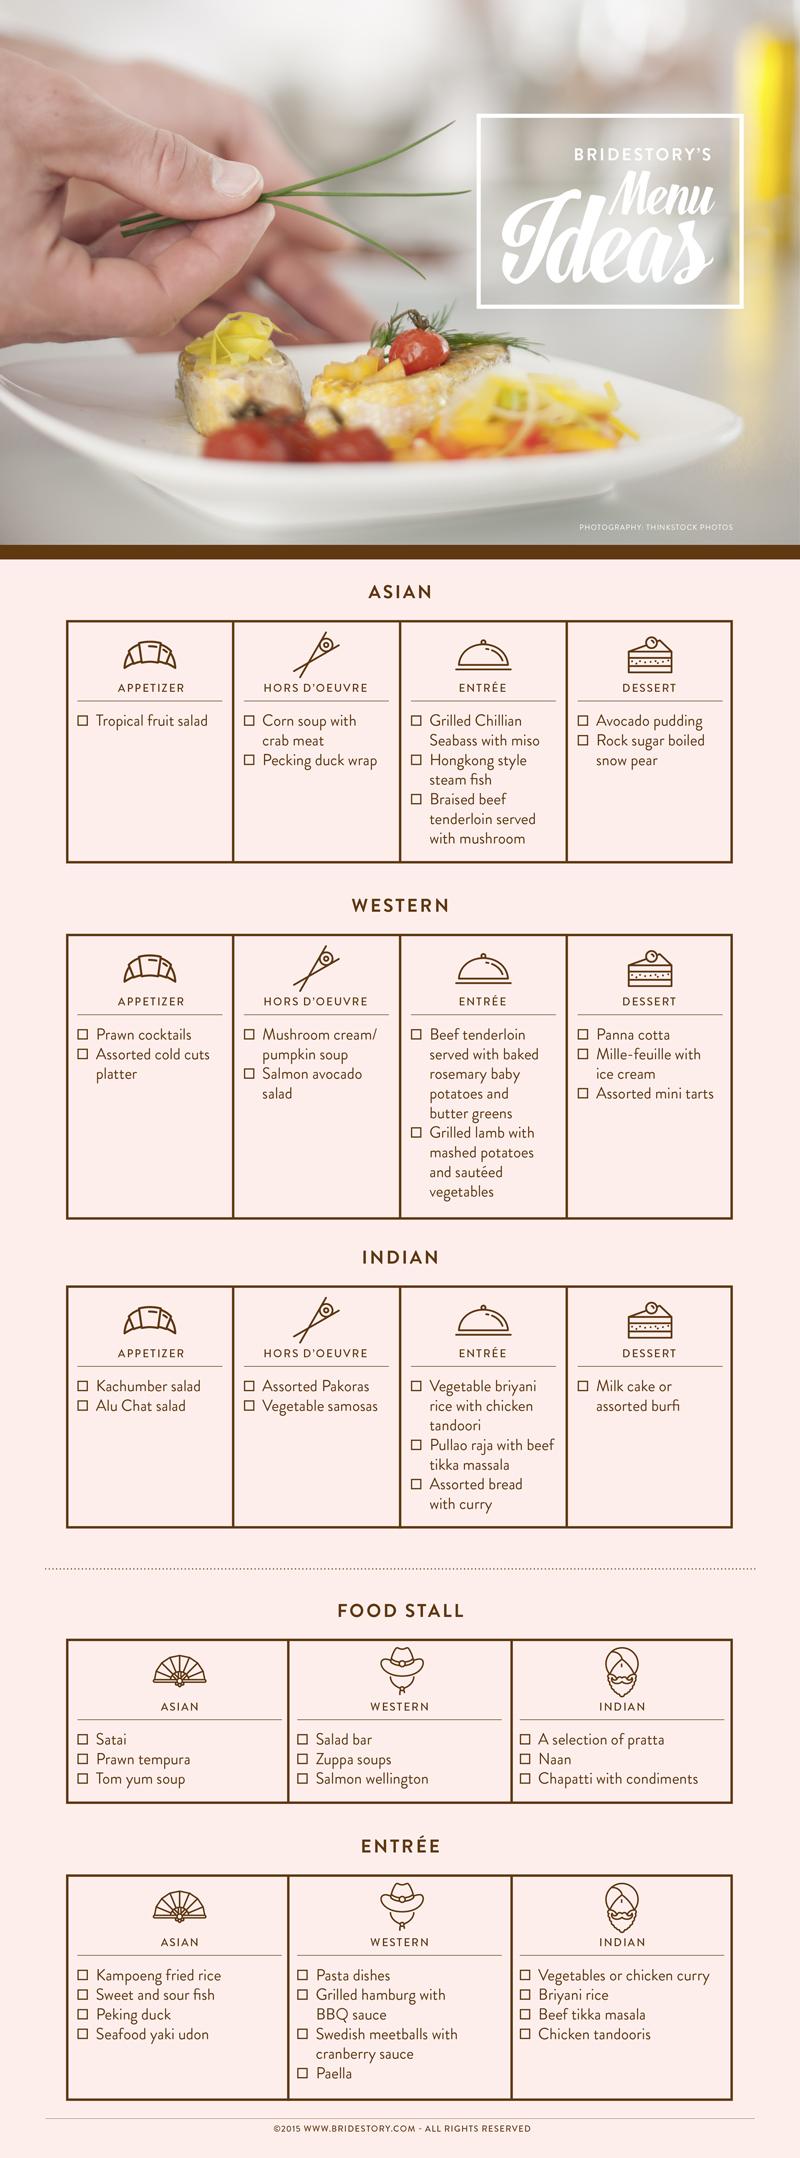 Wedding Catering 101: Panduan Merencanakan Menu Resepsi Pernikahan Image 1